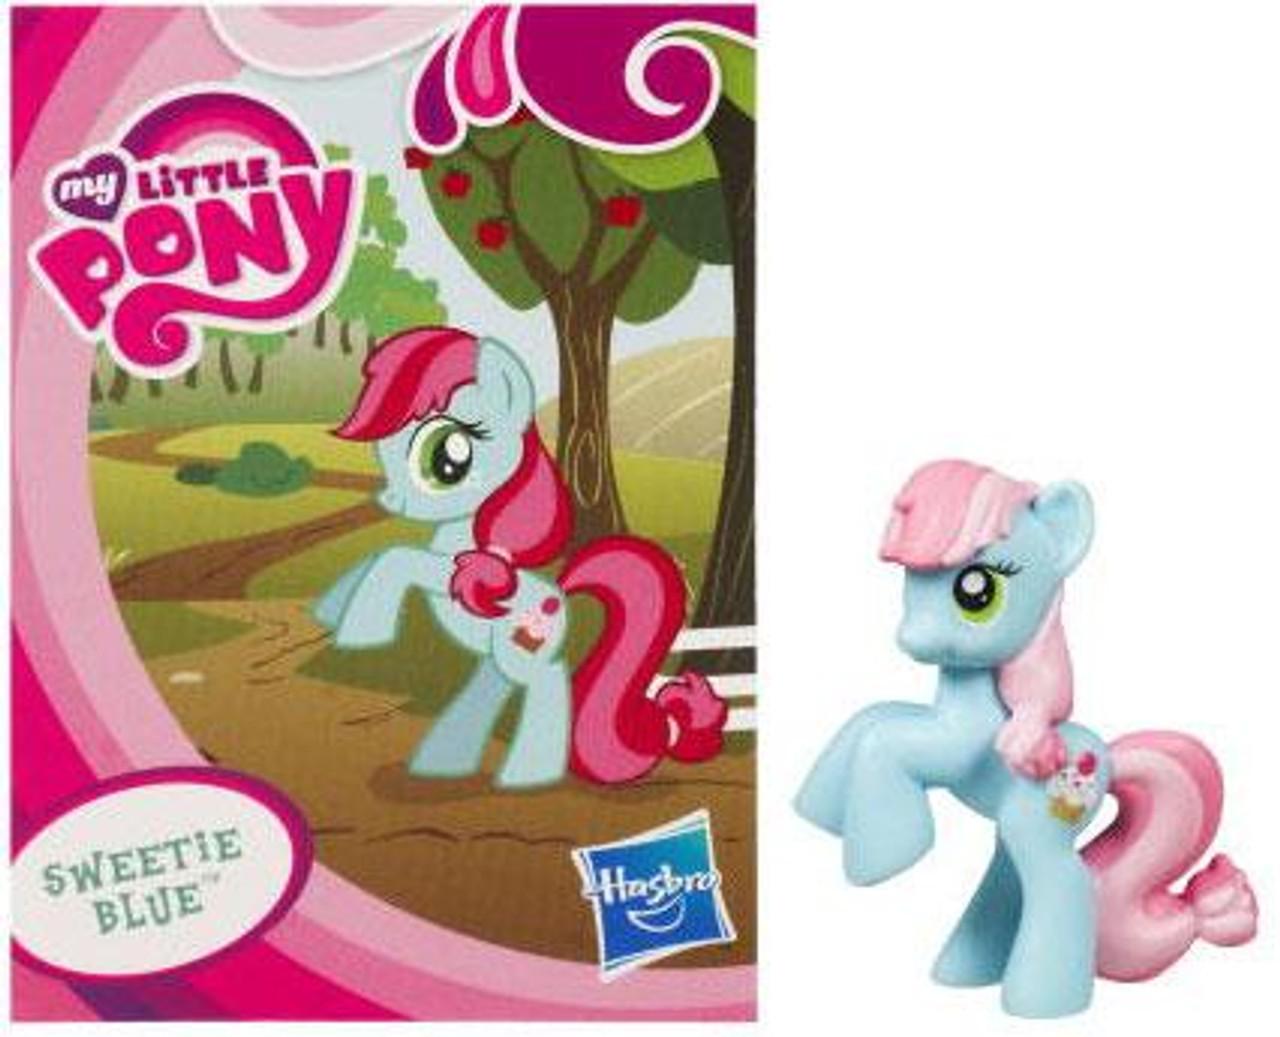 My Little Pony Sweetie Blue 2-Inch PVC Figure